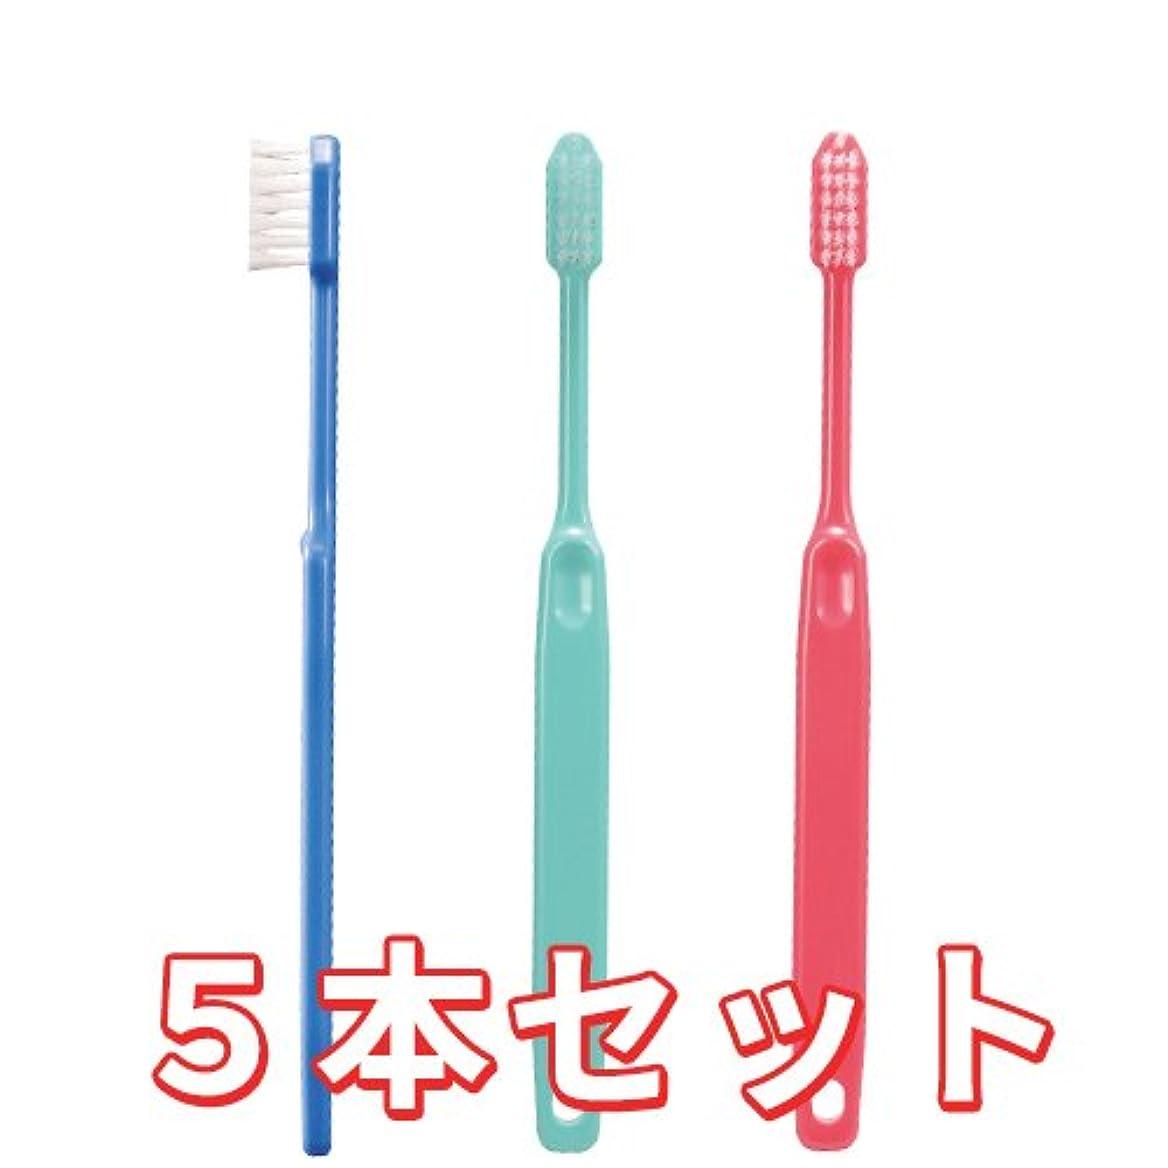 逃す時系列物足りないCiメディカル 歯ブラシ コンパクトヘッド 疎毛タイプ アソート 5本 (Ci23(やややわらかめ))